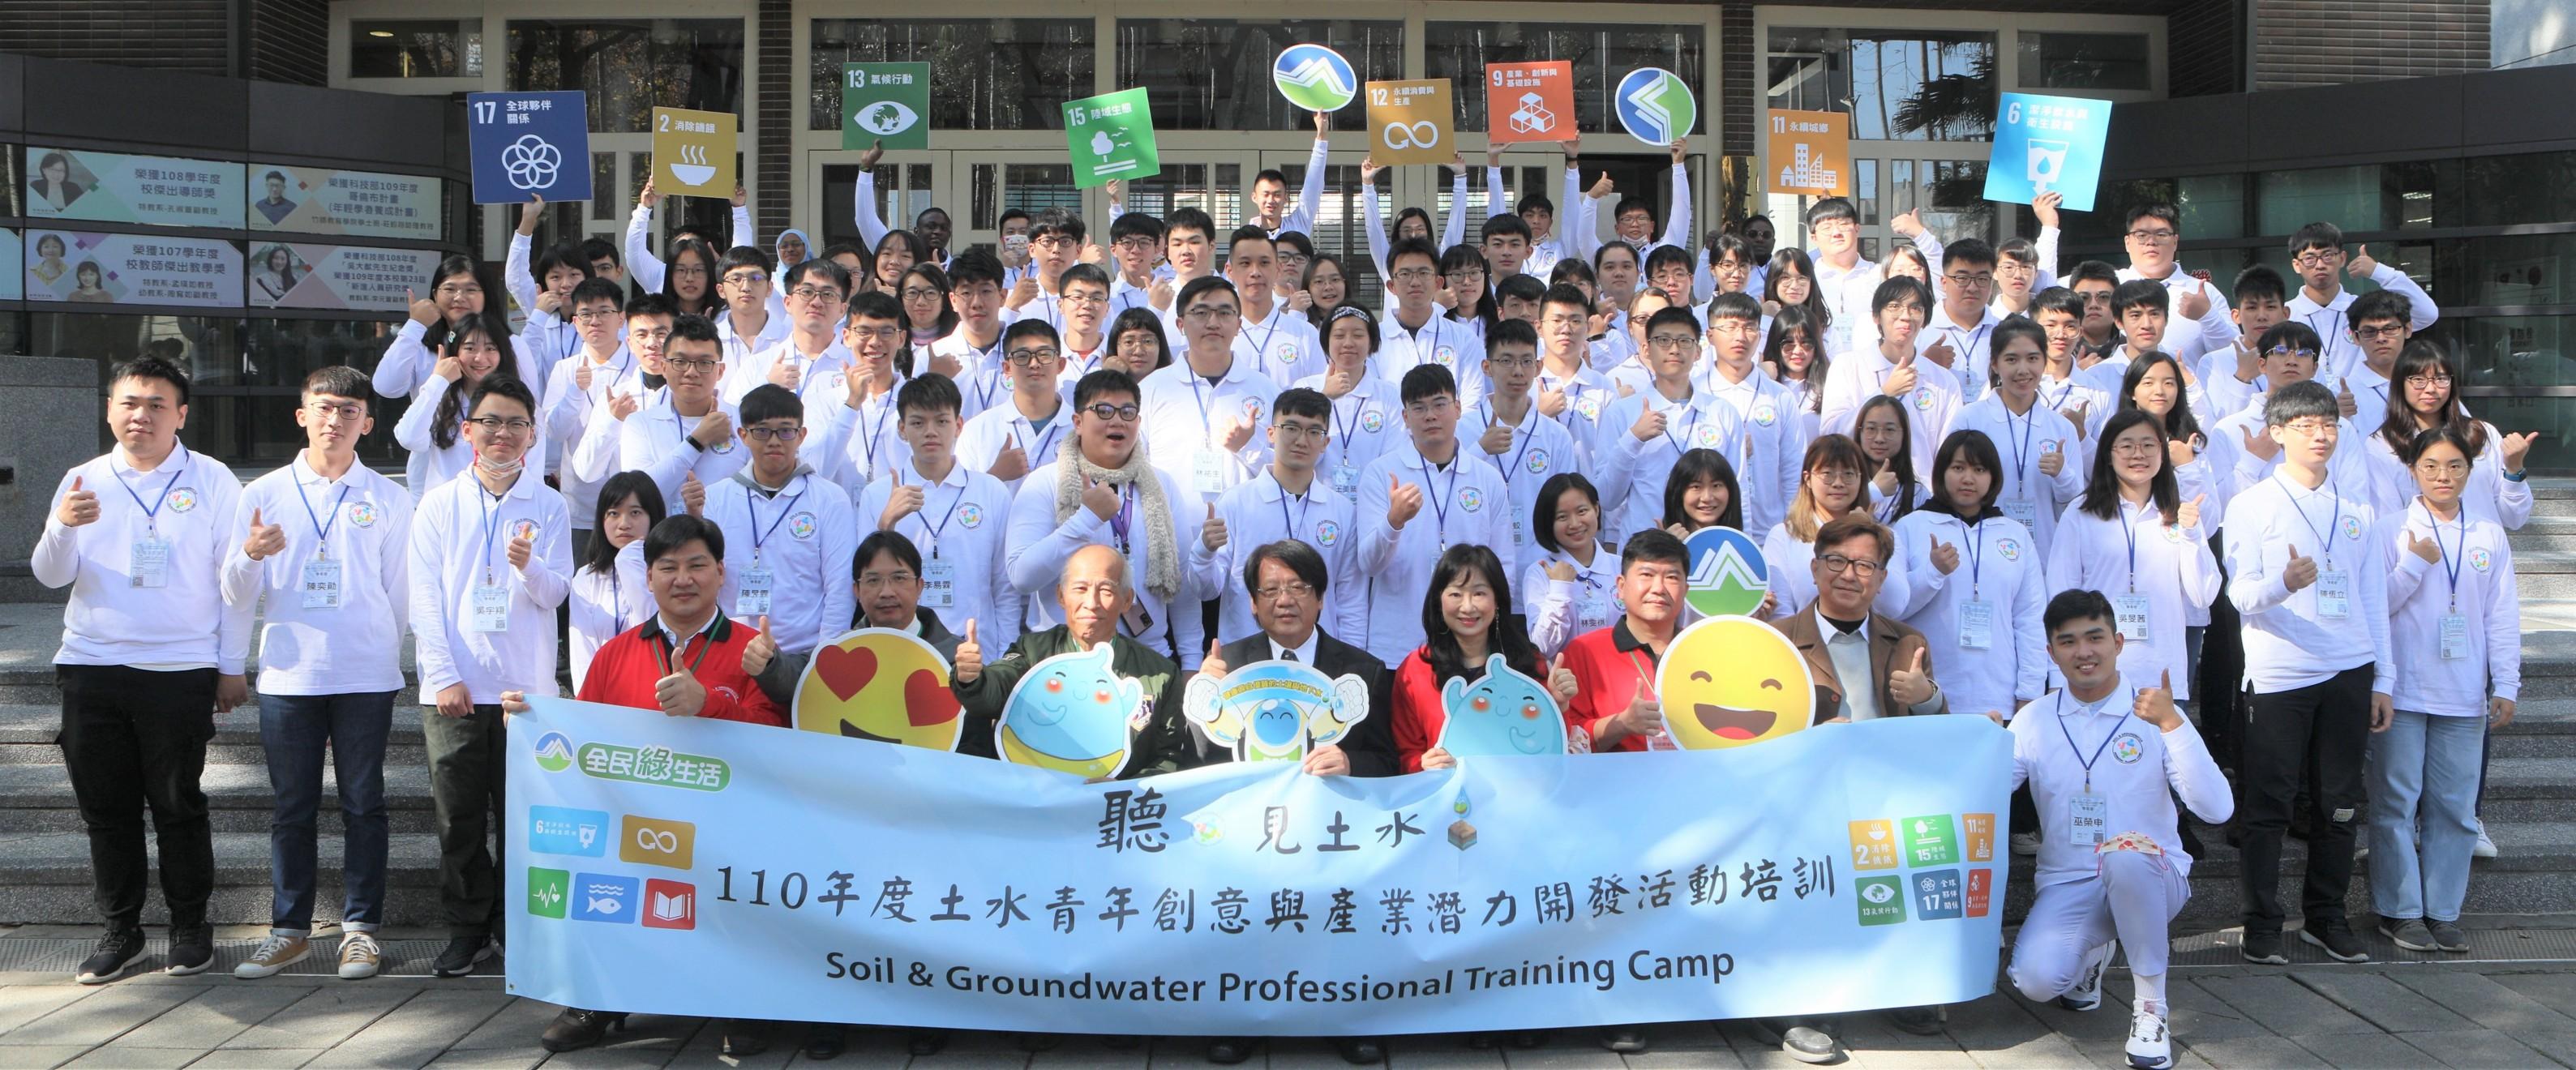 圖1 110年度土水青年創意與產業潛力開發活動培訓大合照